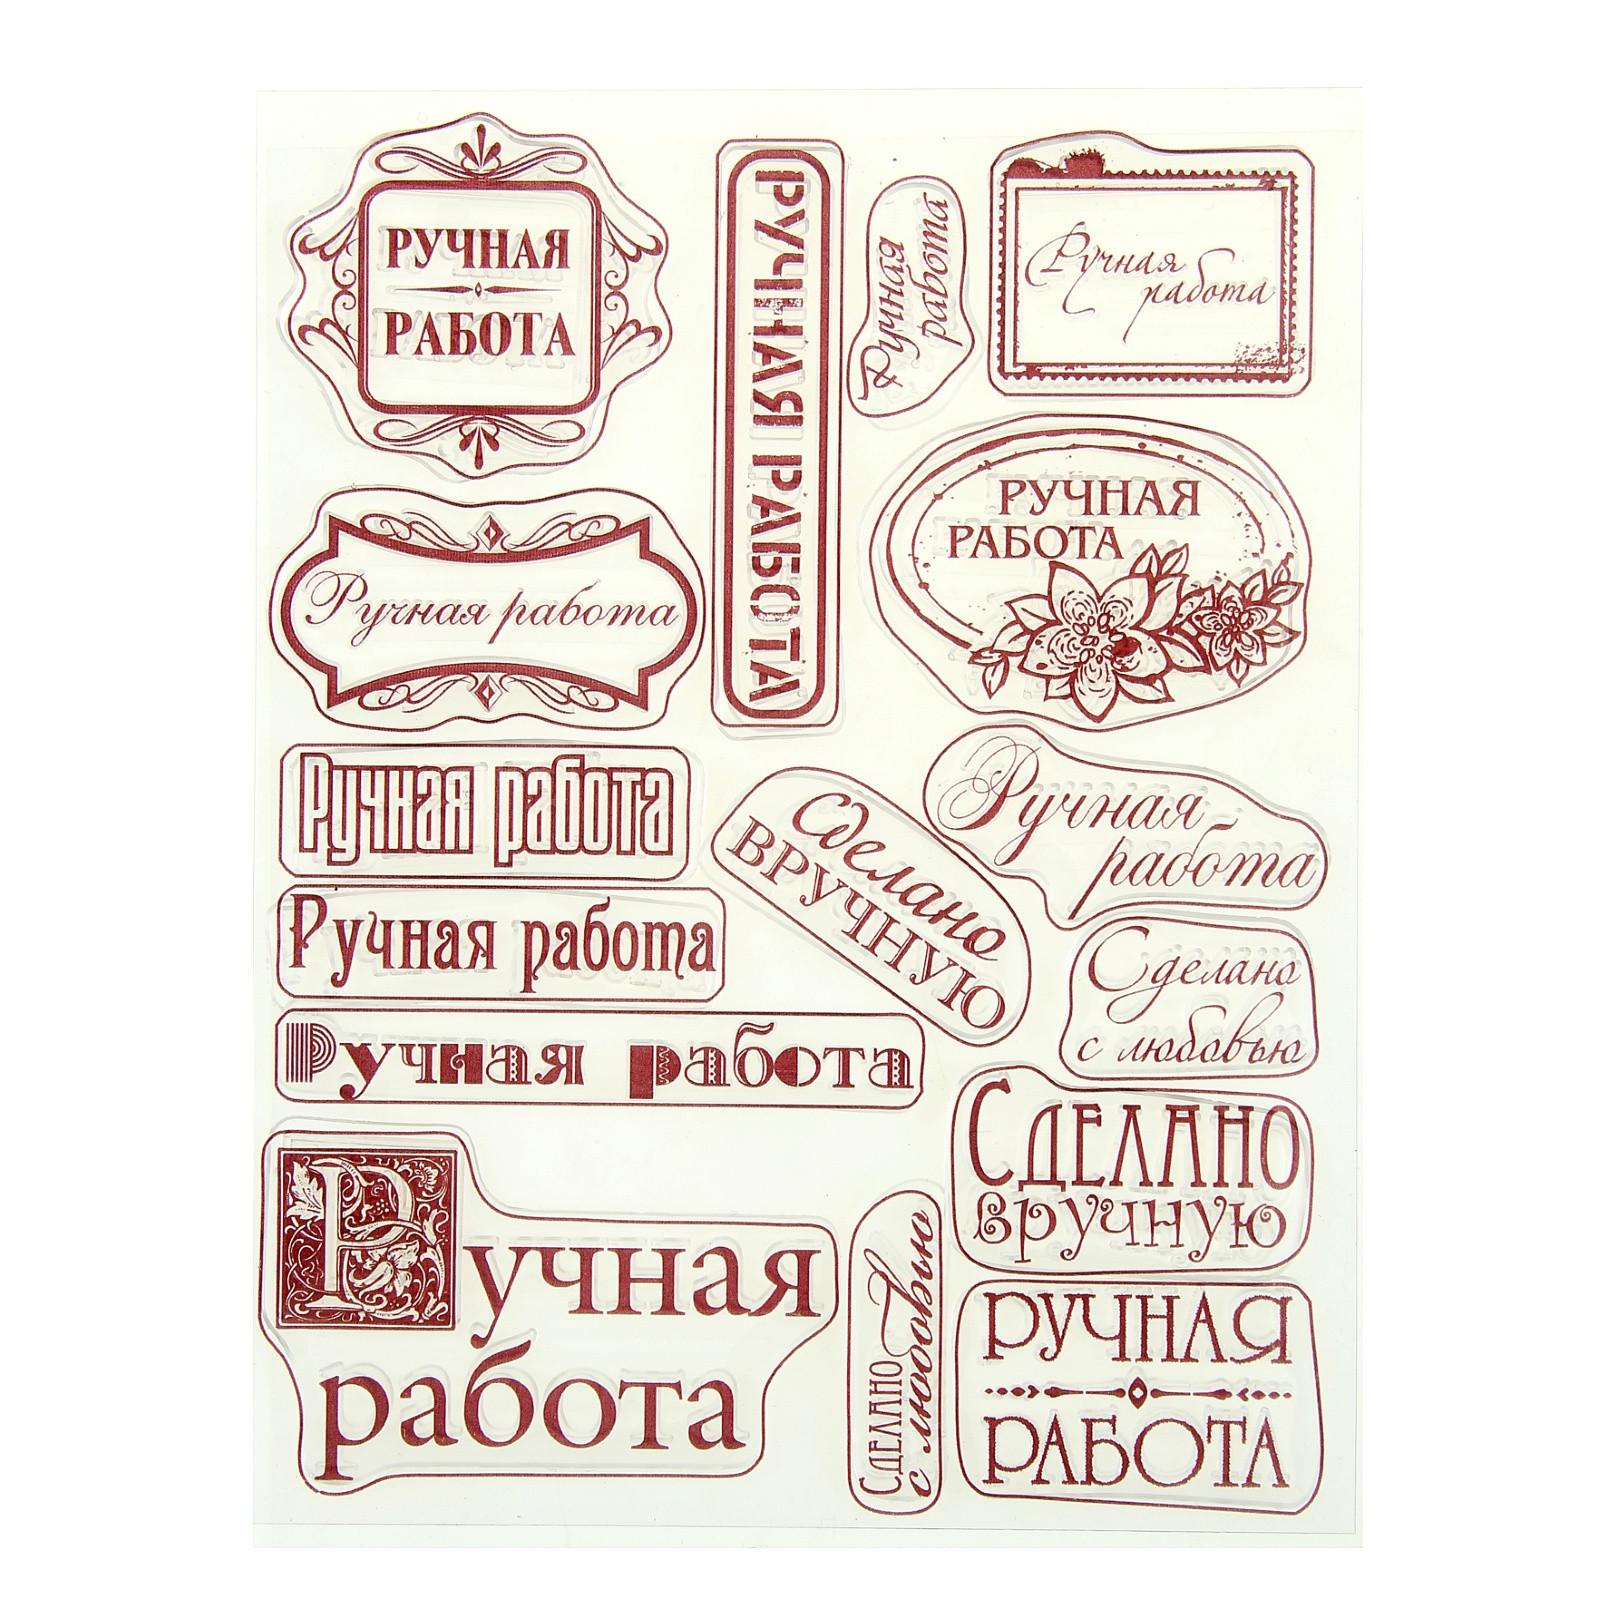 Как сделать штампы букв